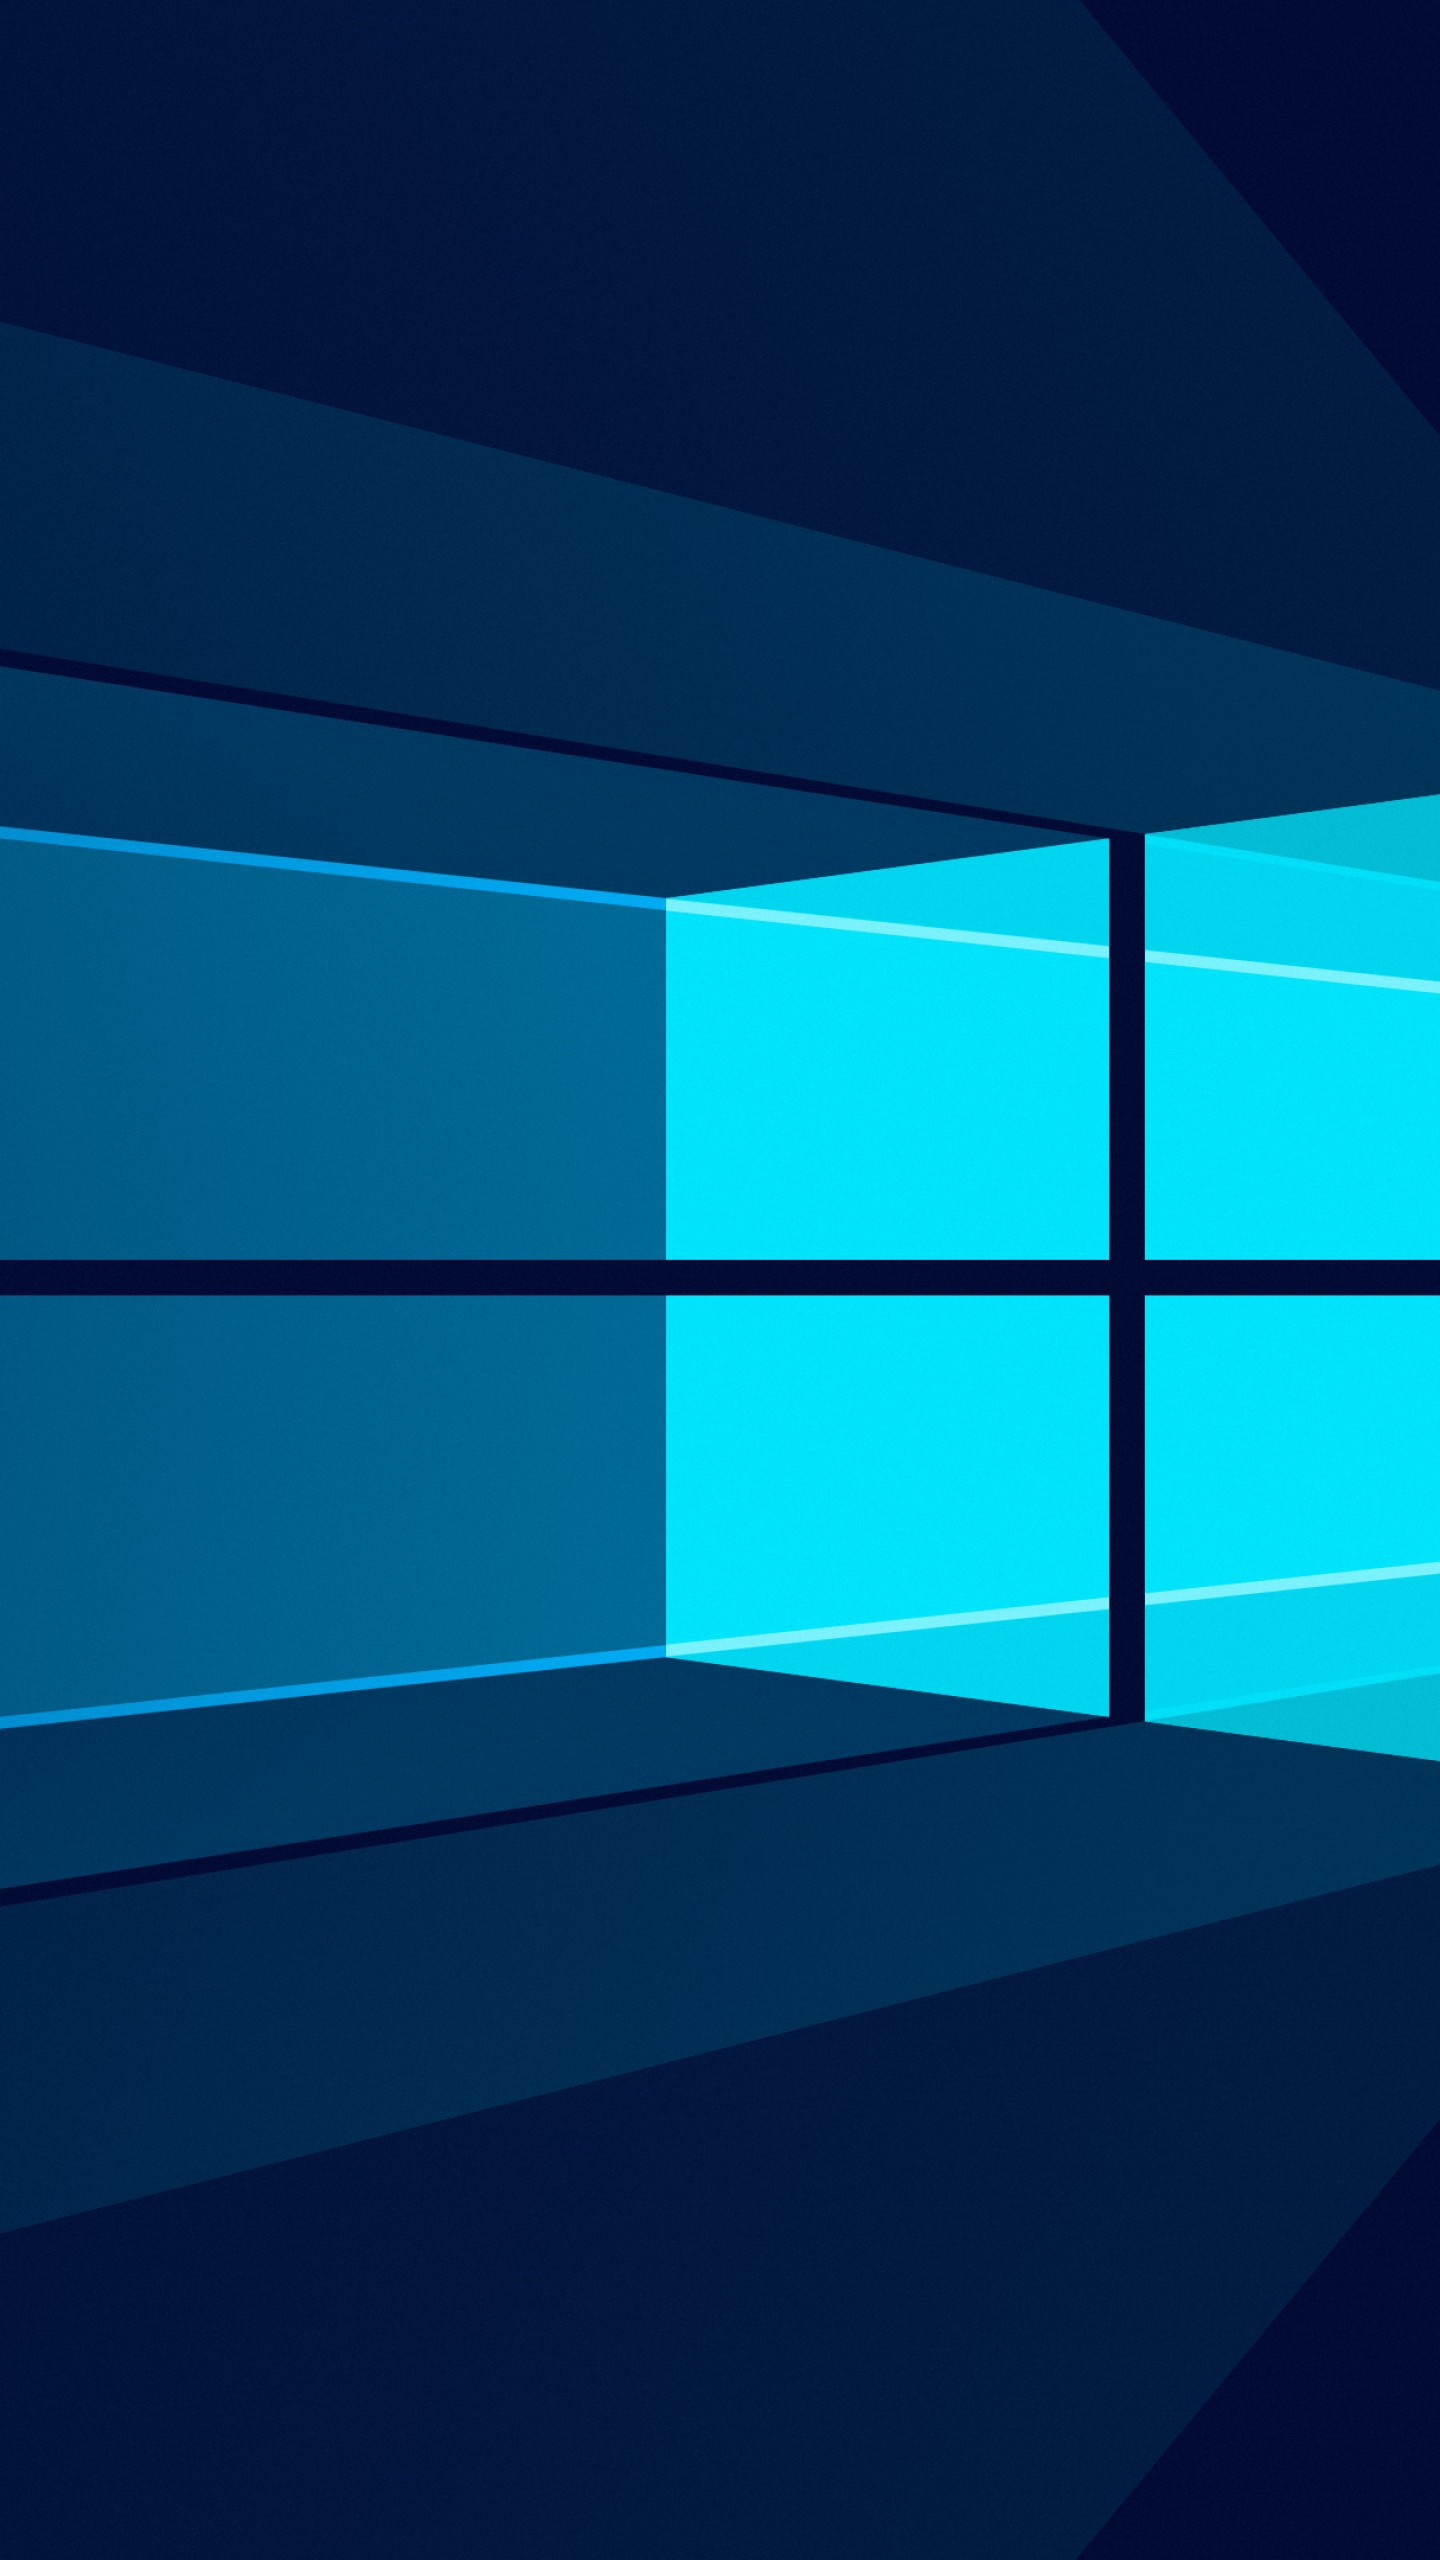 عکس زمینه پنجره های ویندوز 10 ماکروسافت پس زمینه